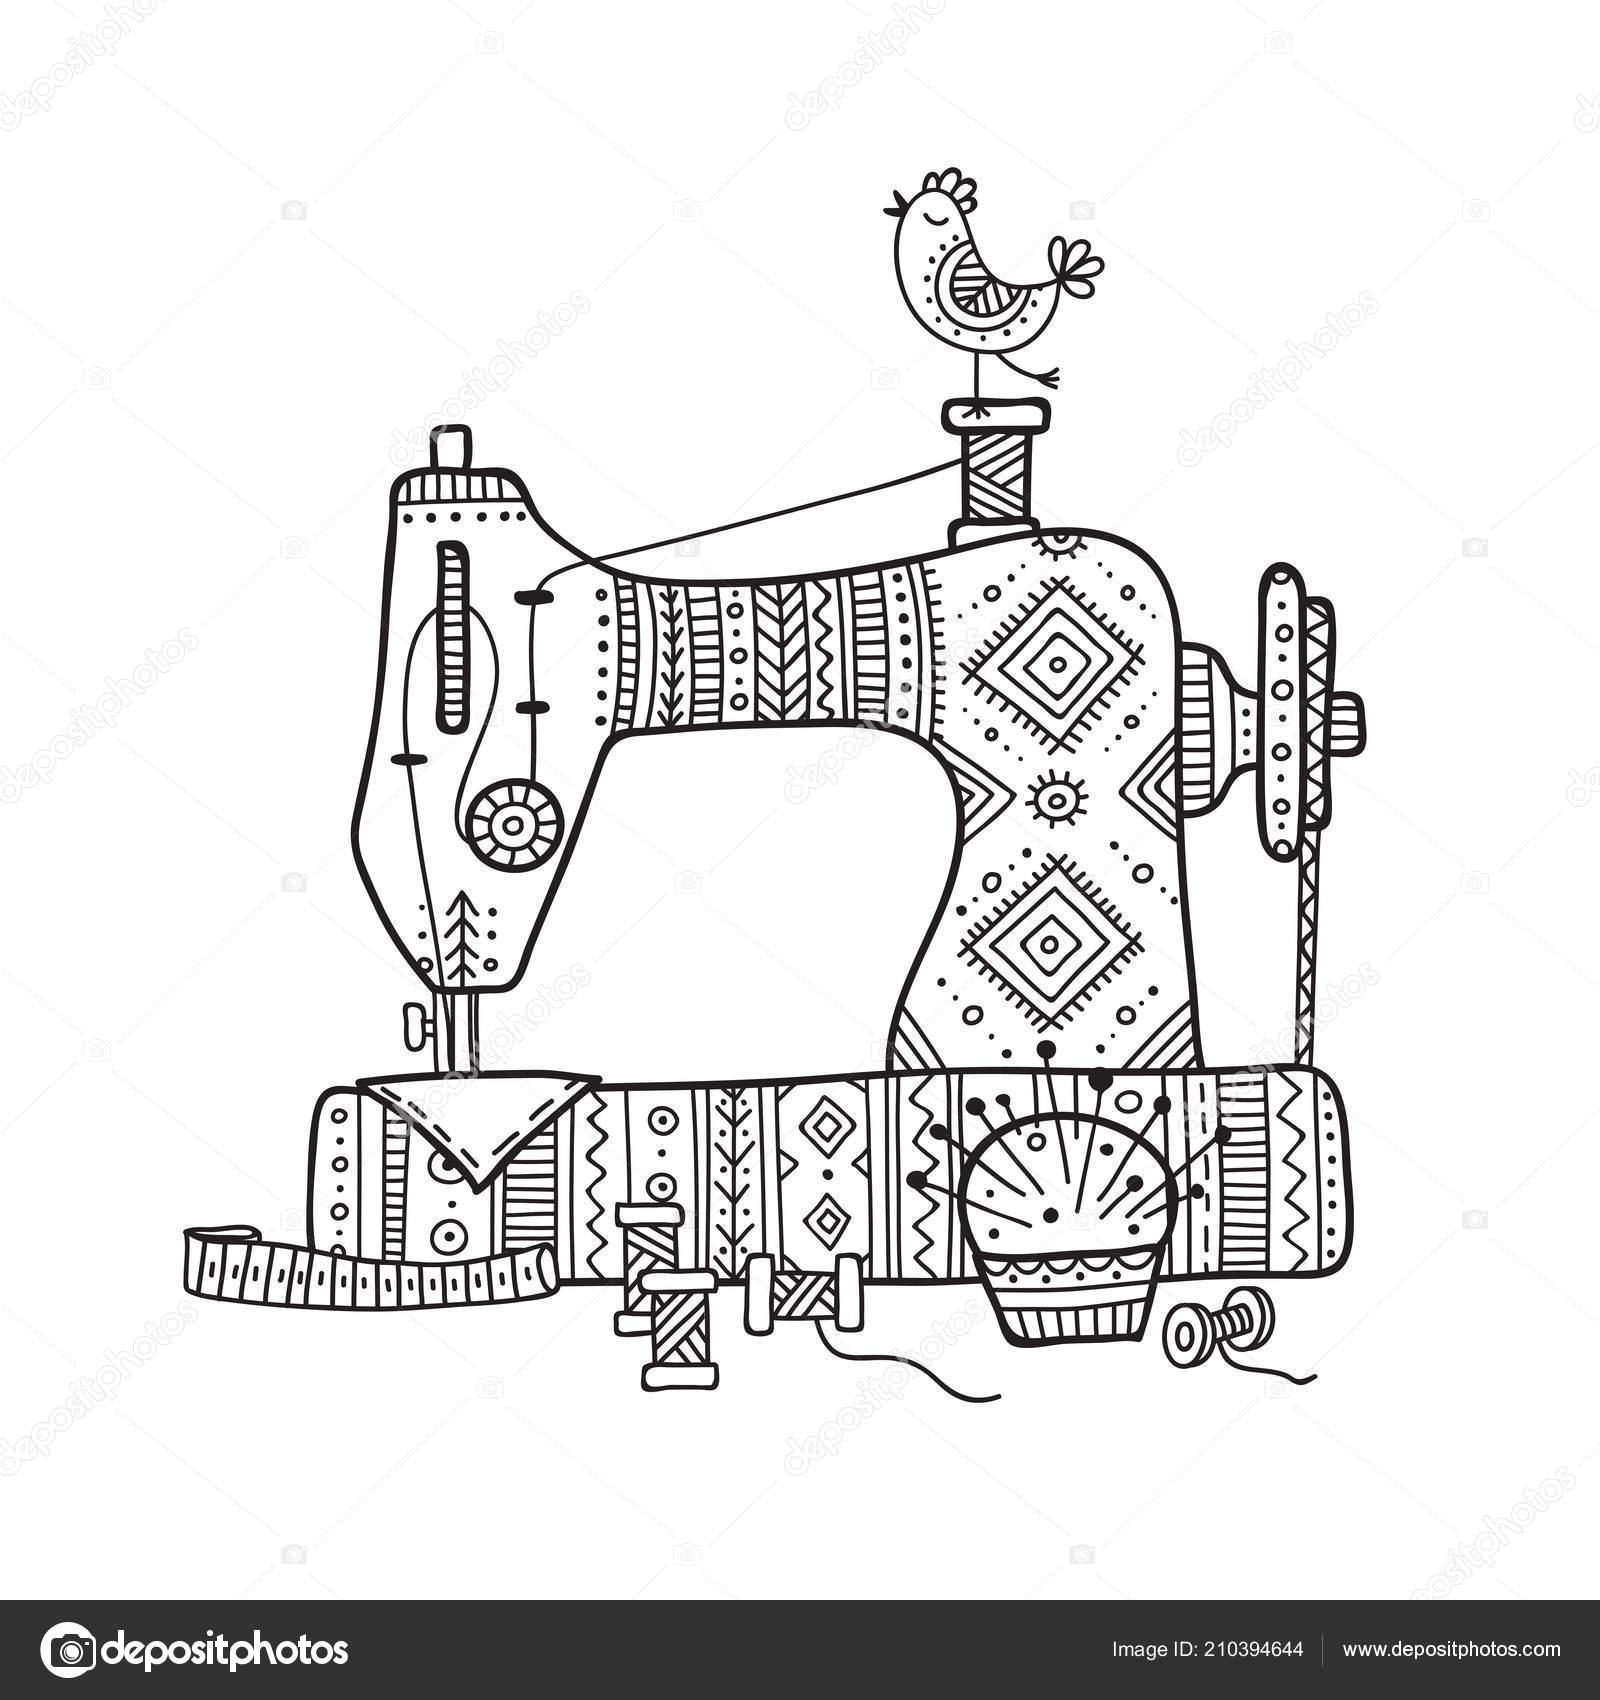 vektor illustration der n hmaschine boho stil mit ornament. Black Bedroom Furniture Sets. Home Design Ideas